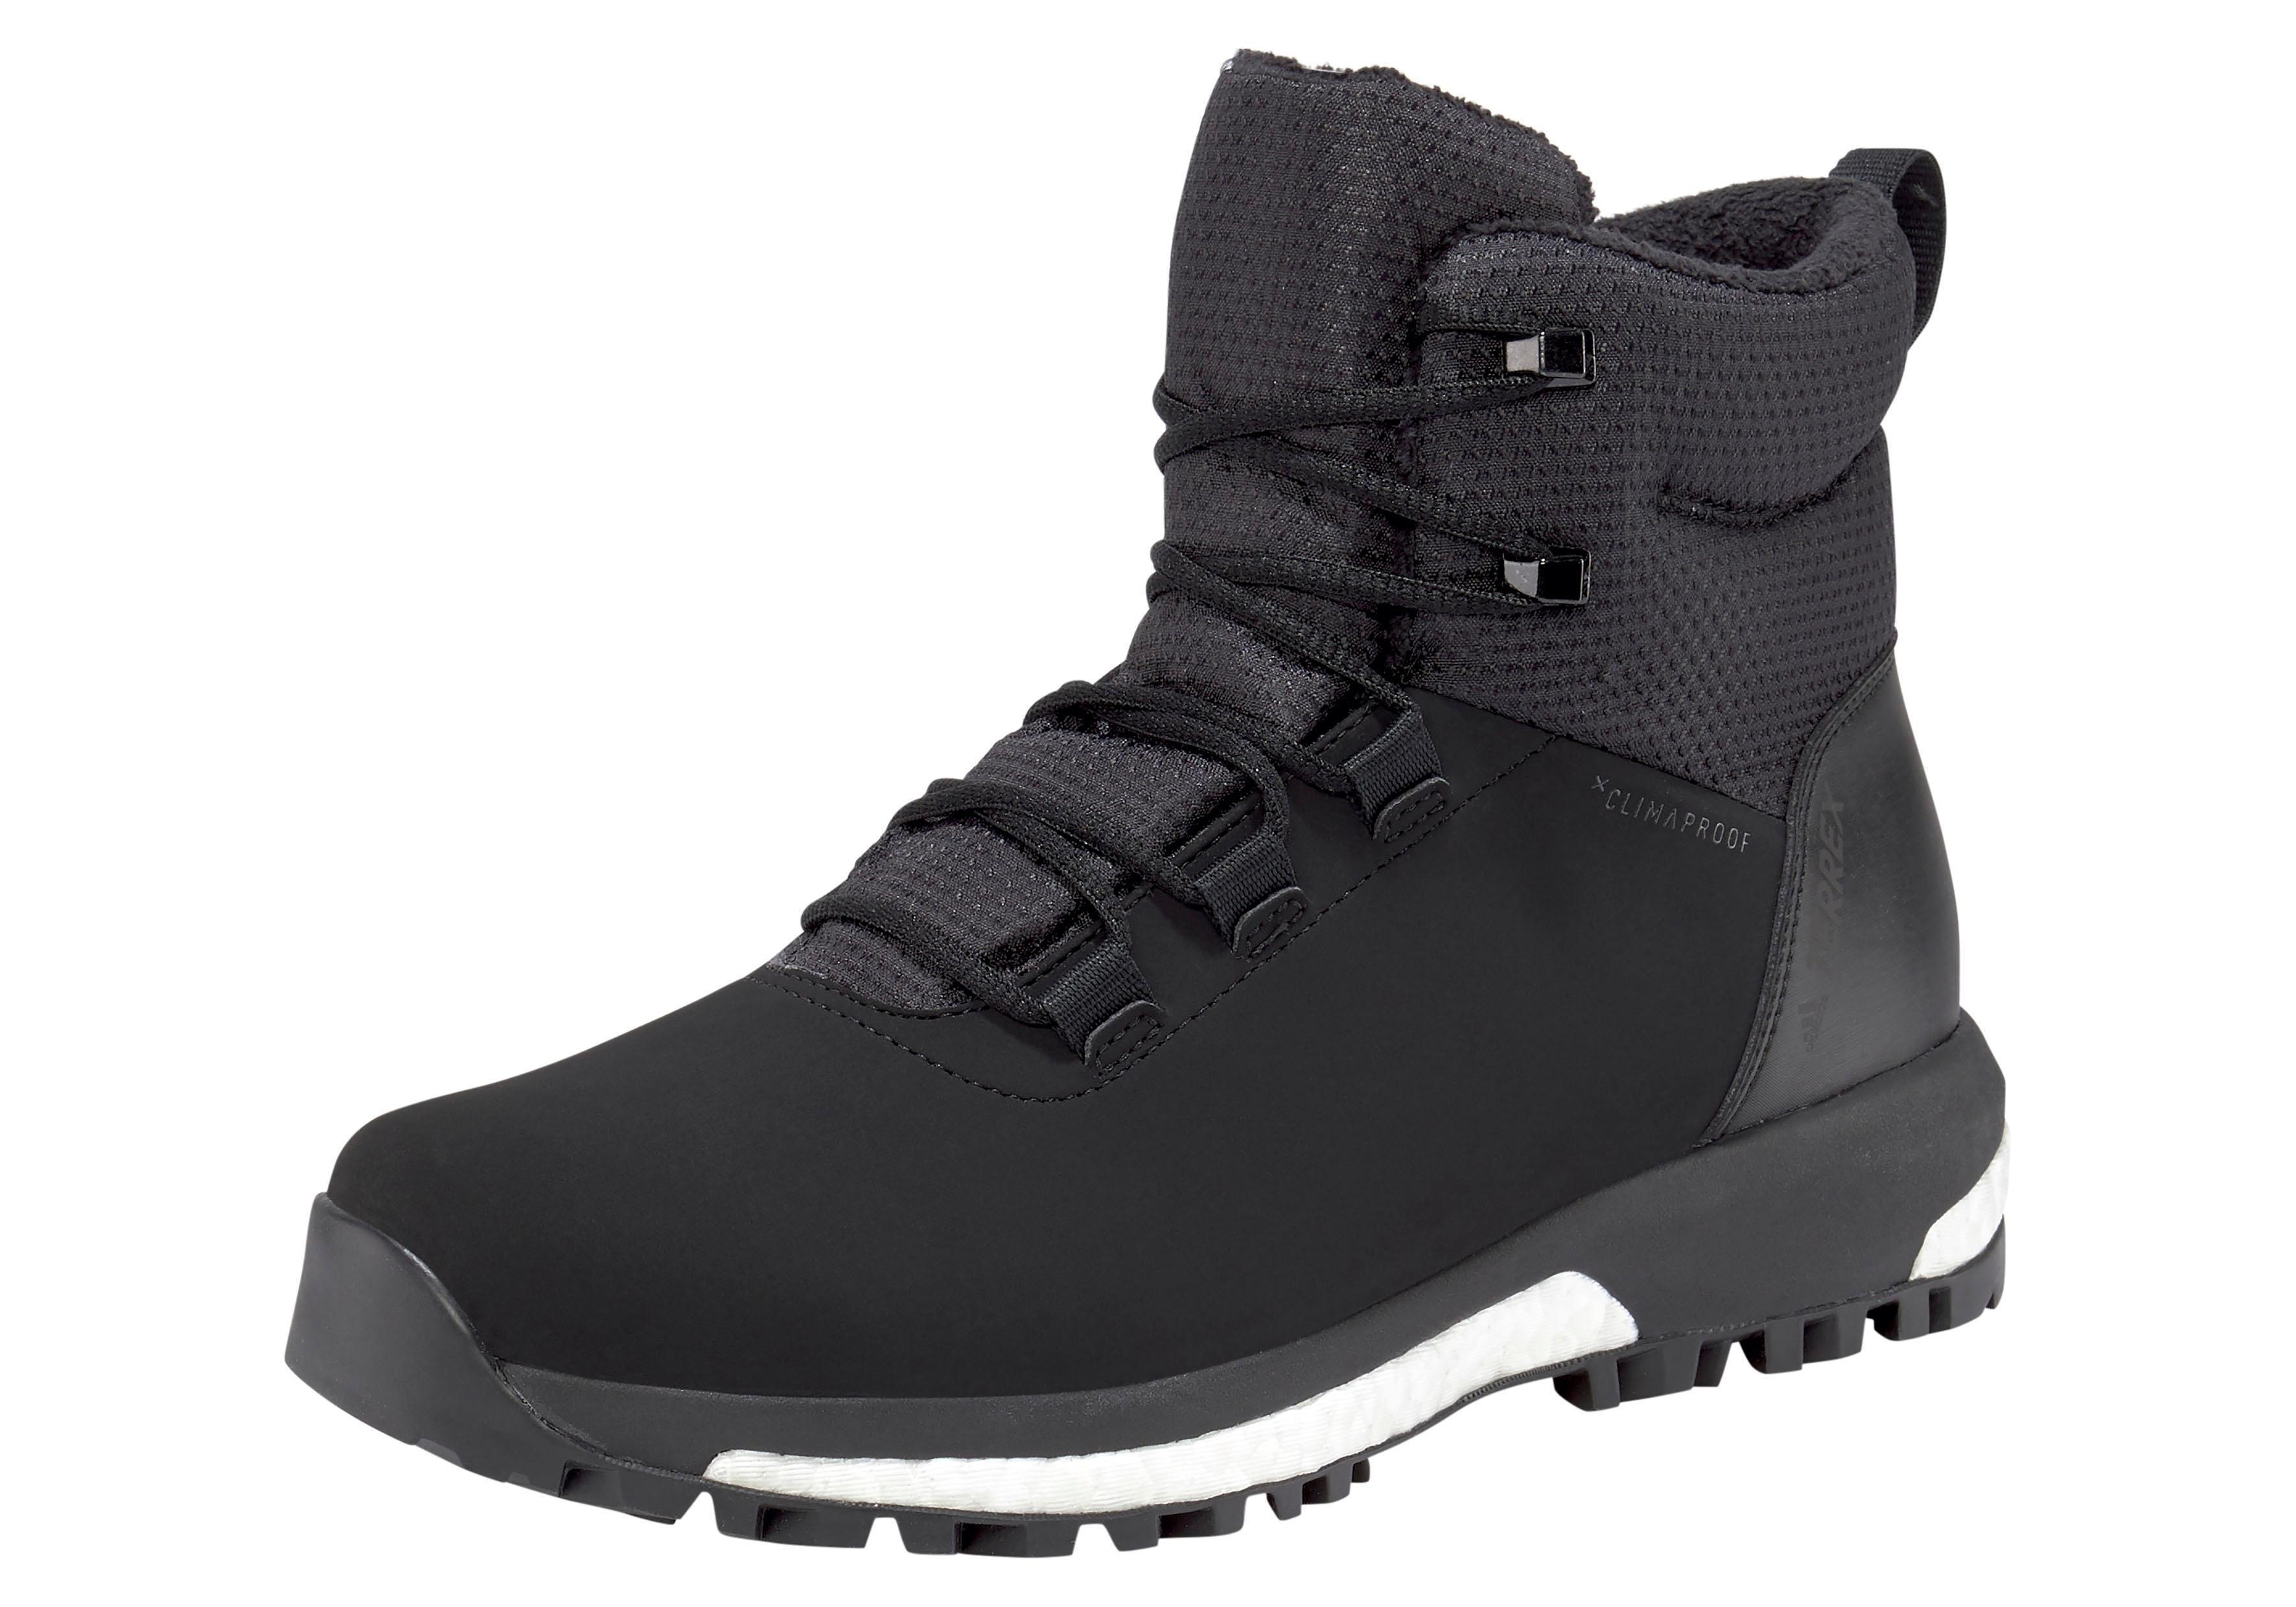 Adidas Terrex adidas Performance outdoor-winterlaarzen »TERREX PATHMAKER CLIMAPROOF« nu online bestellen